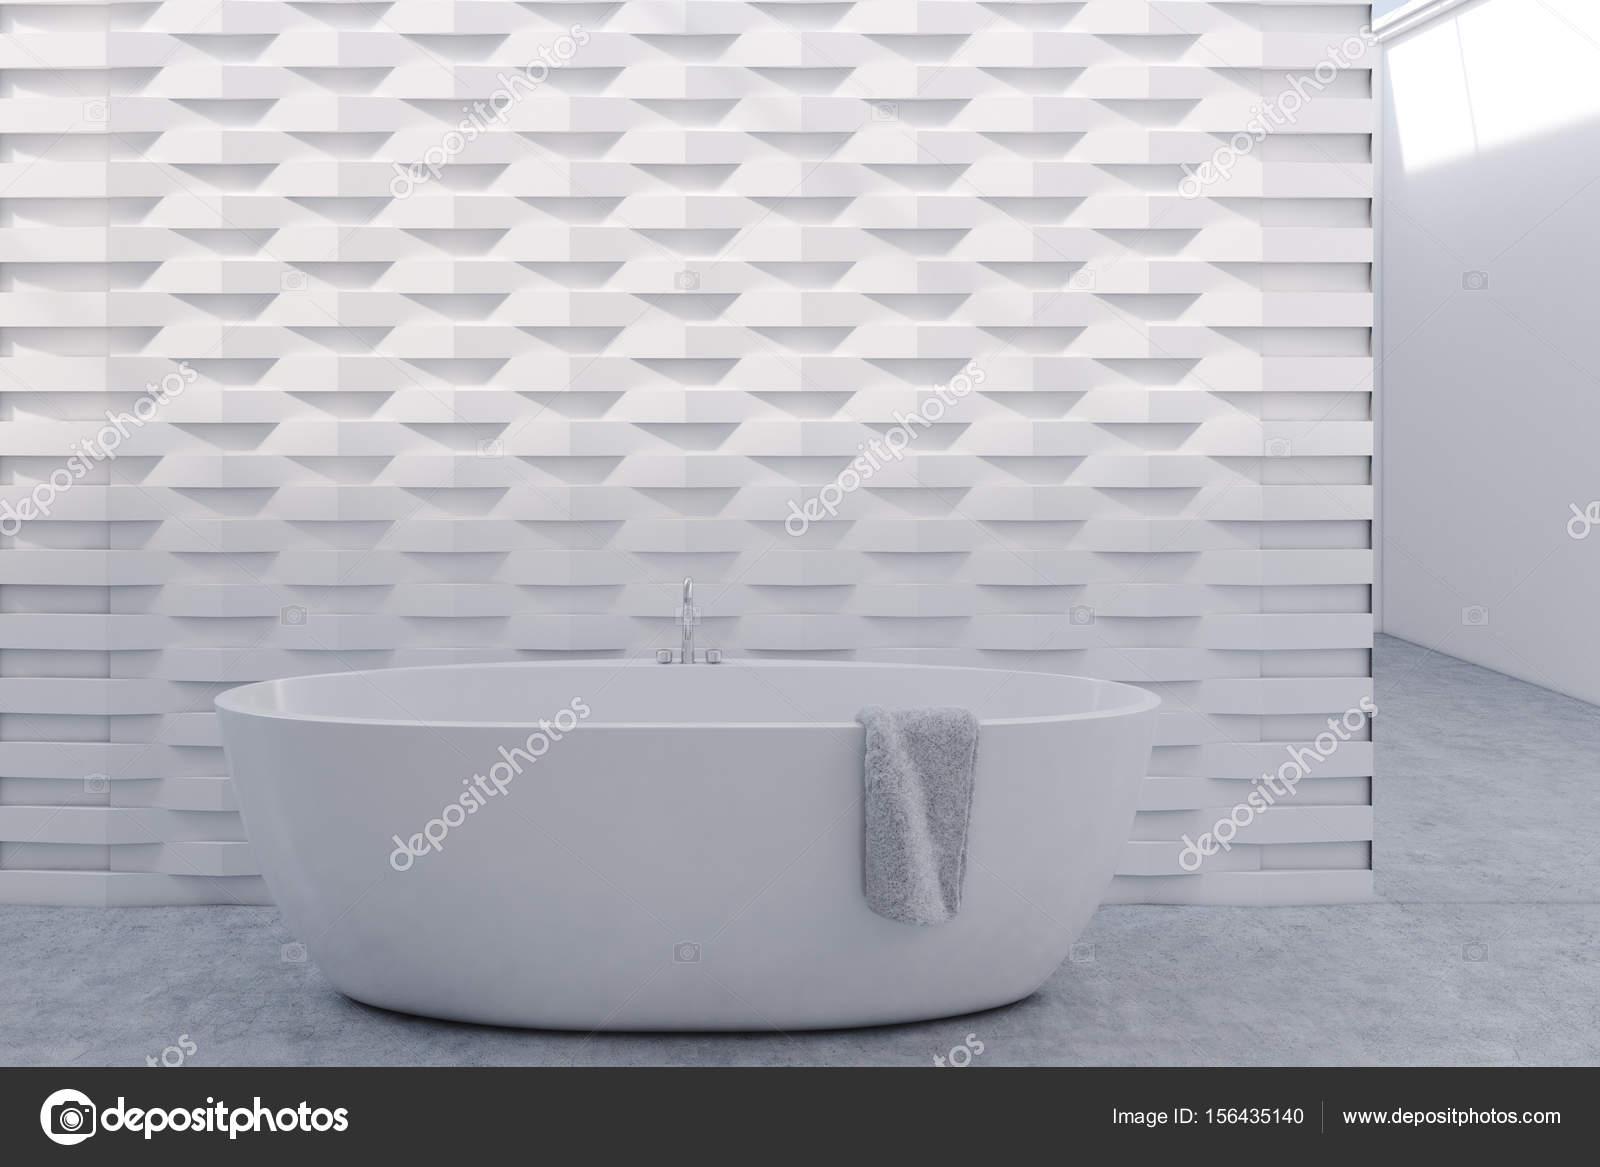 Vasca Da Bagno Rotonda : Vasca da bagno rotonda parete del reticolo del mattone whtie u2014 foto